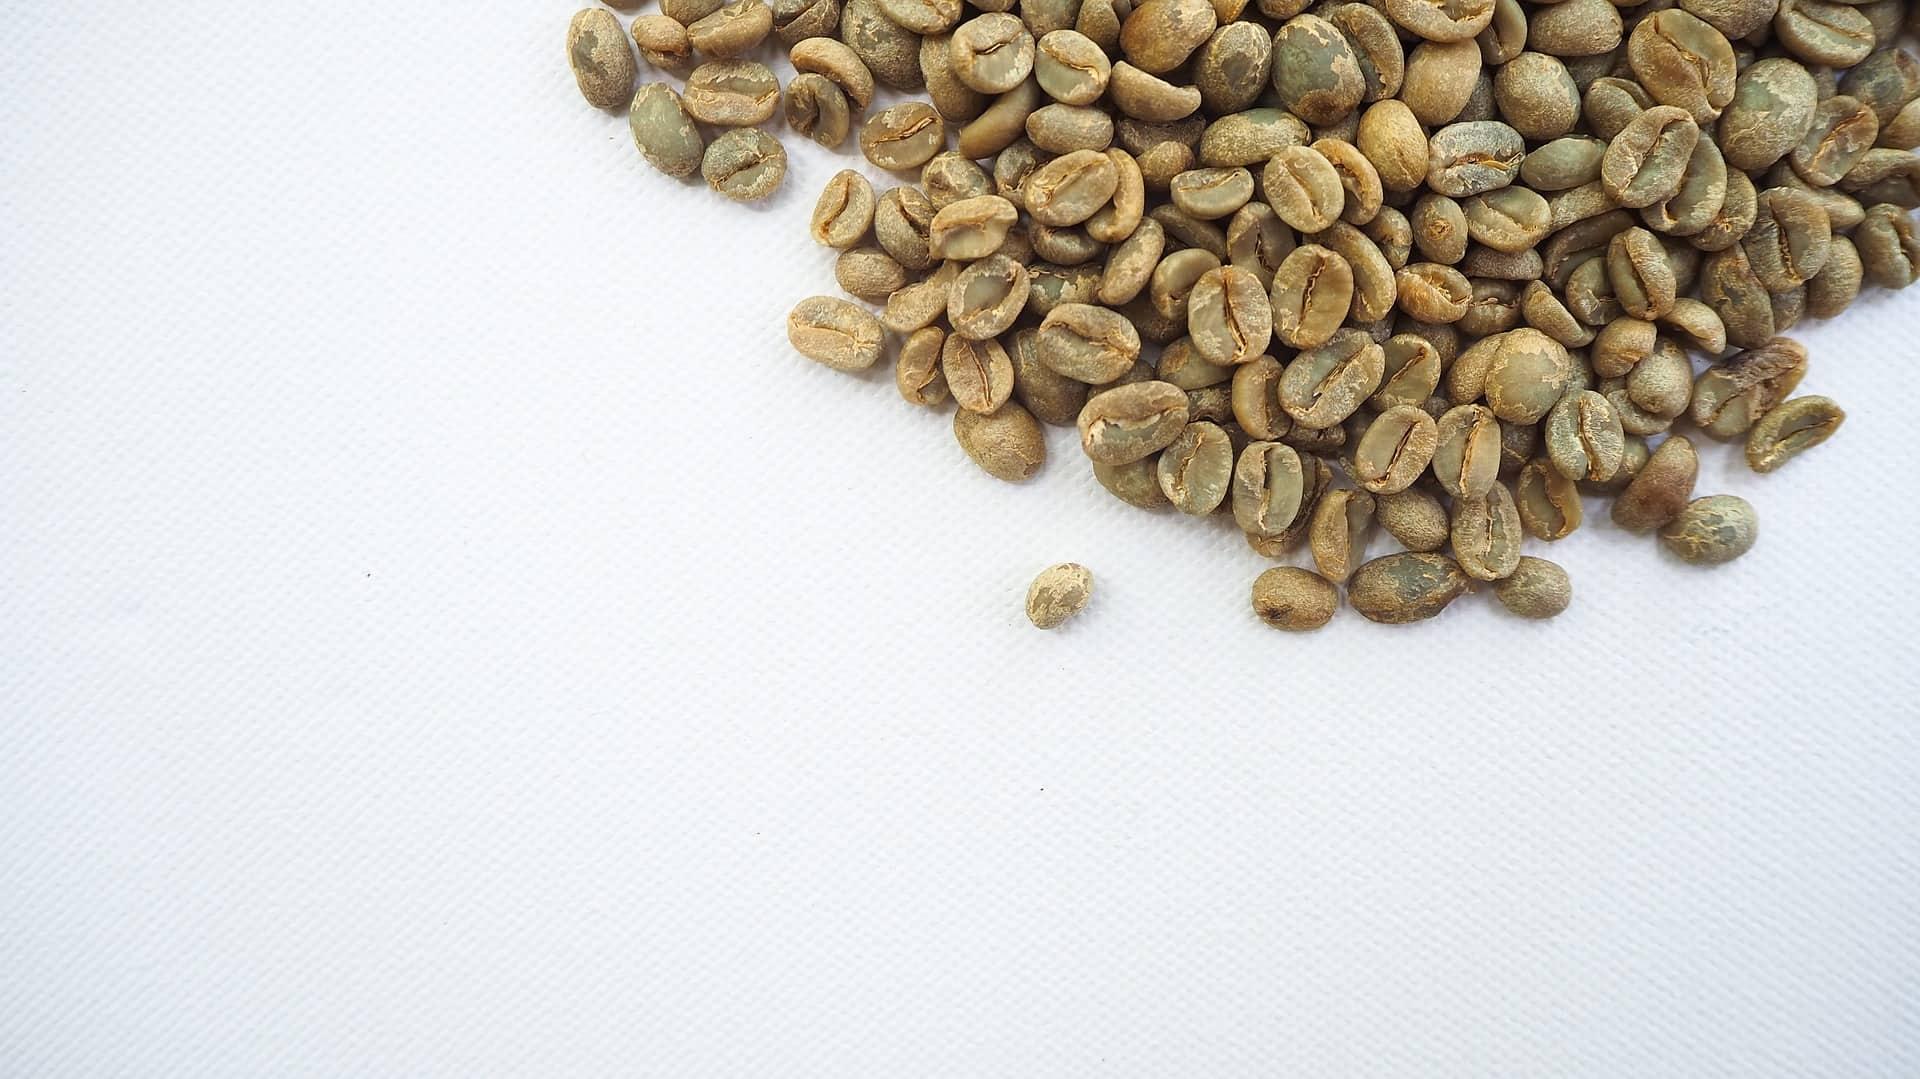 Grüner Kaffee: Test & Empfehlungen (07/20)